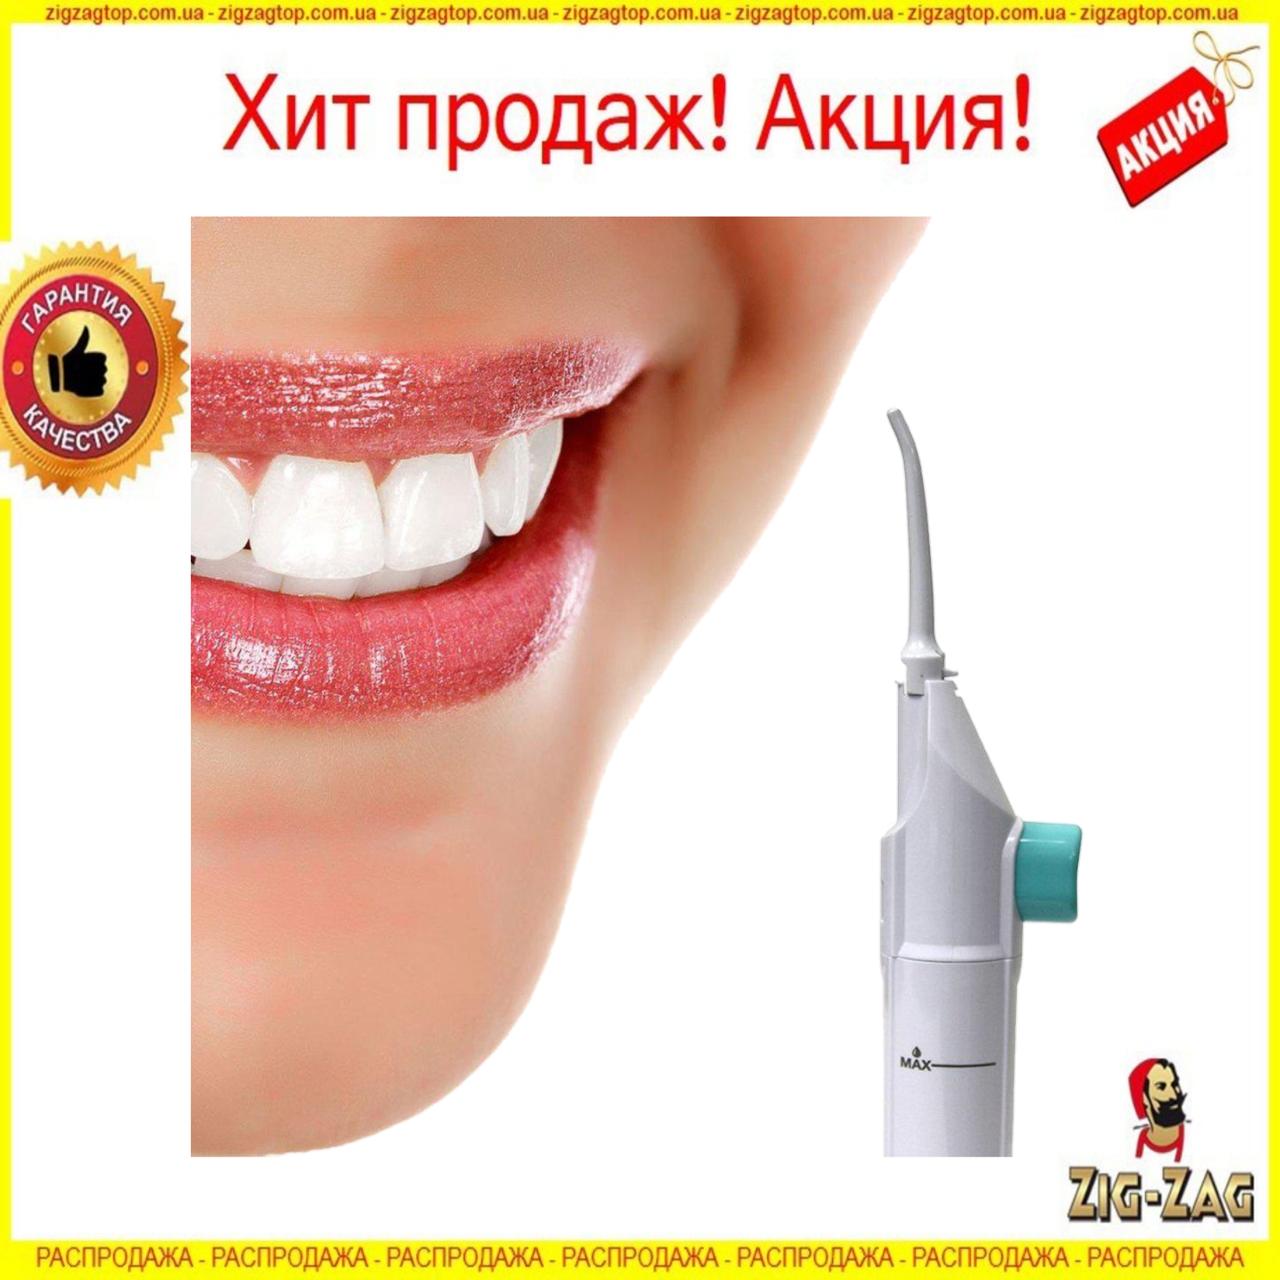 Ирригатор для полости рта Power Floss Персональный очиститель зубов для Детей и Взрослых гигиенический NEW!